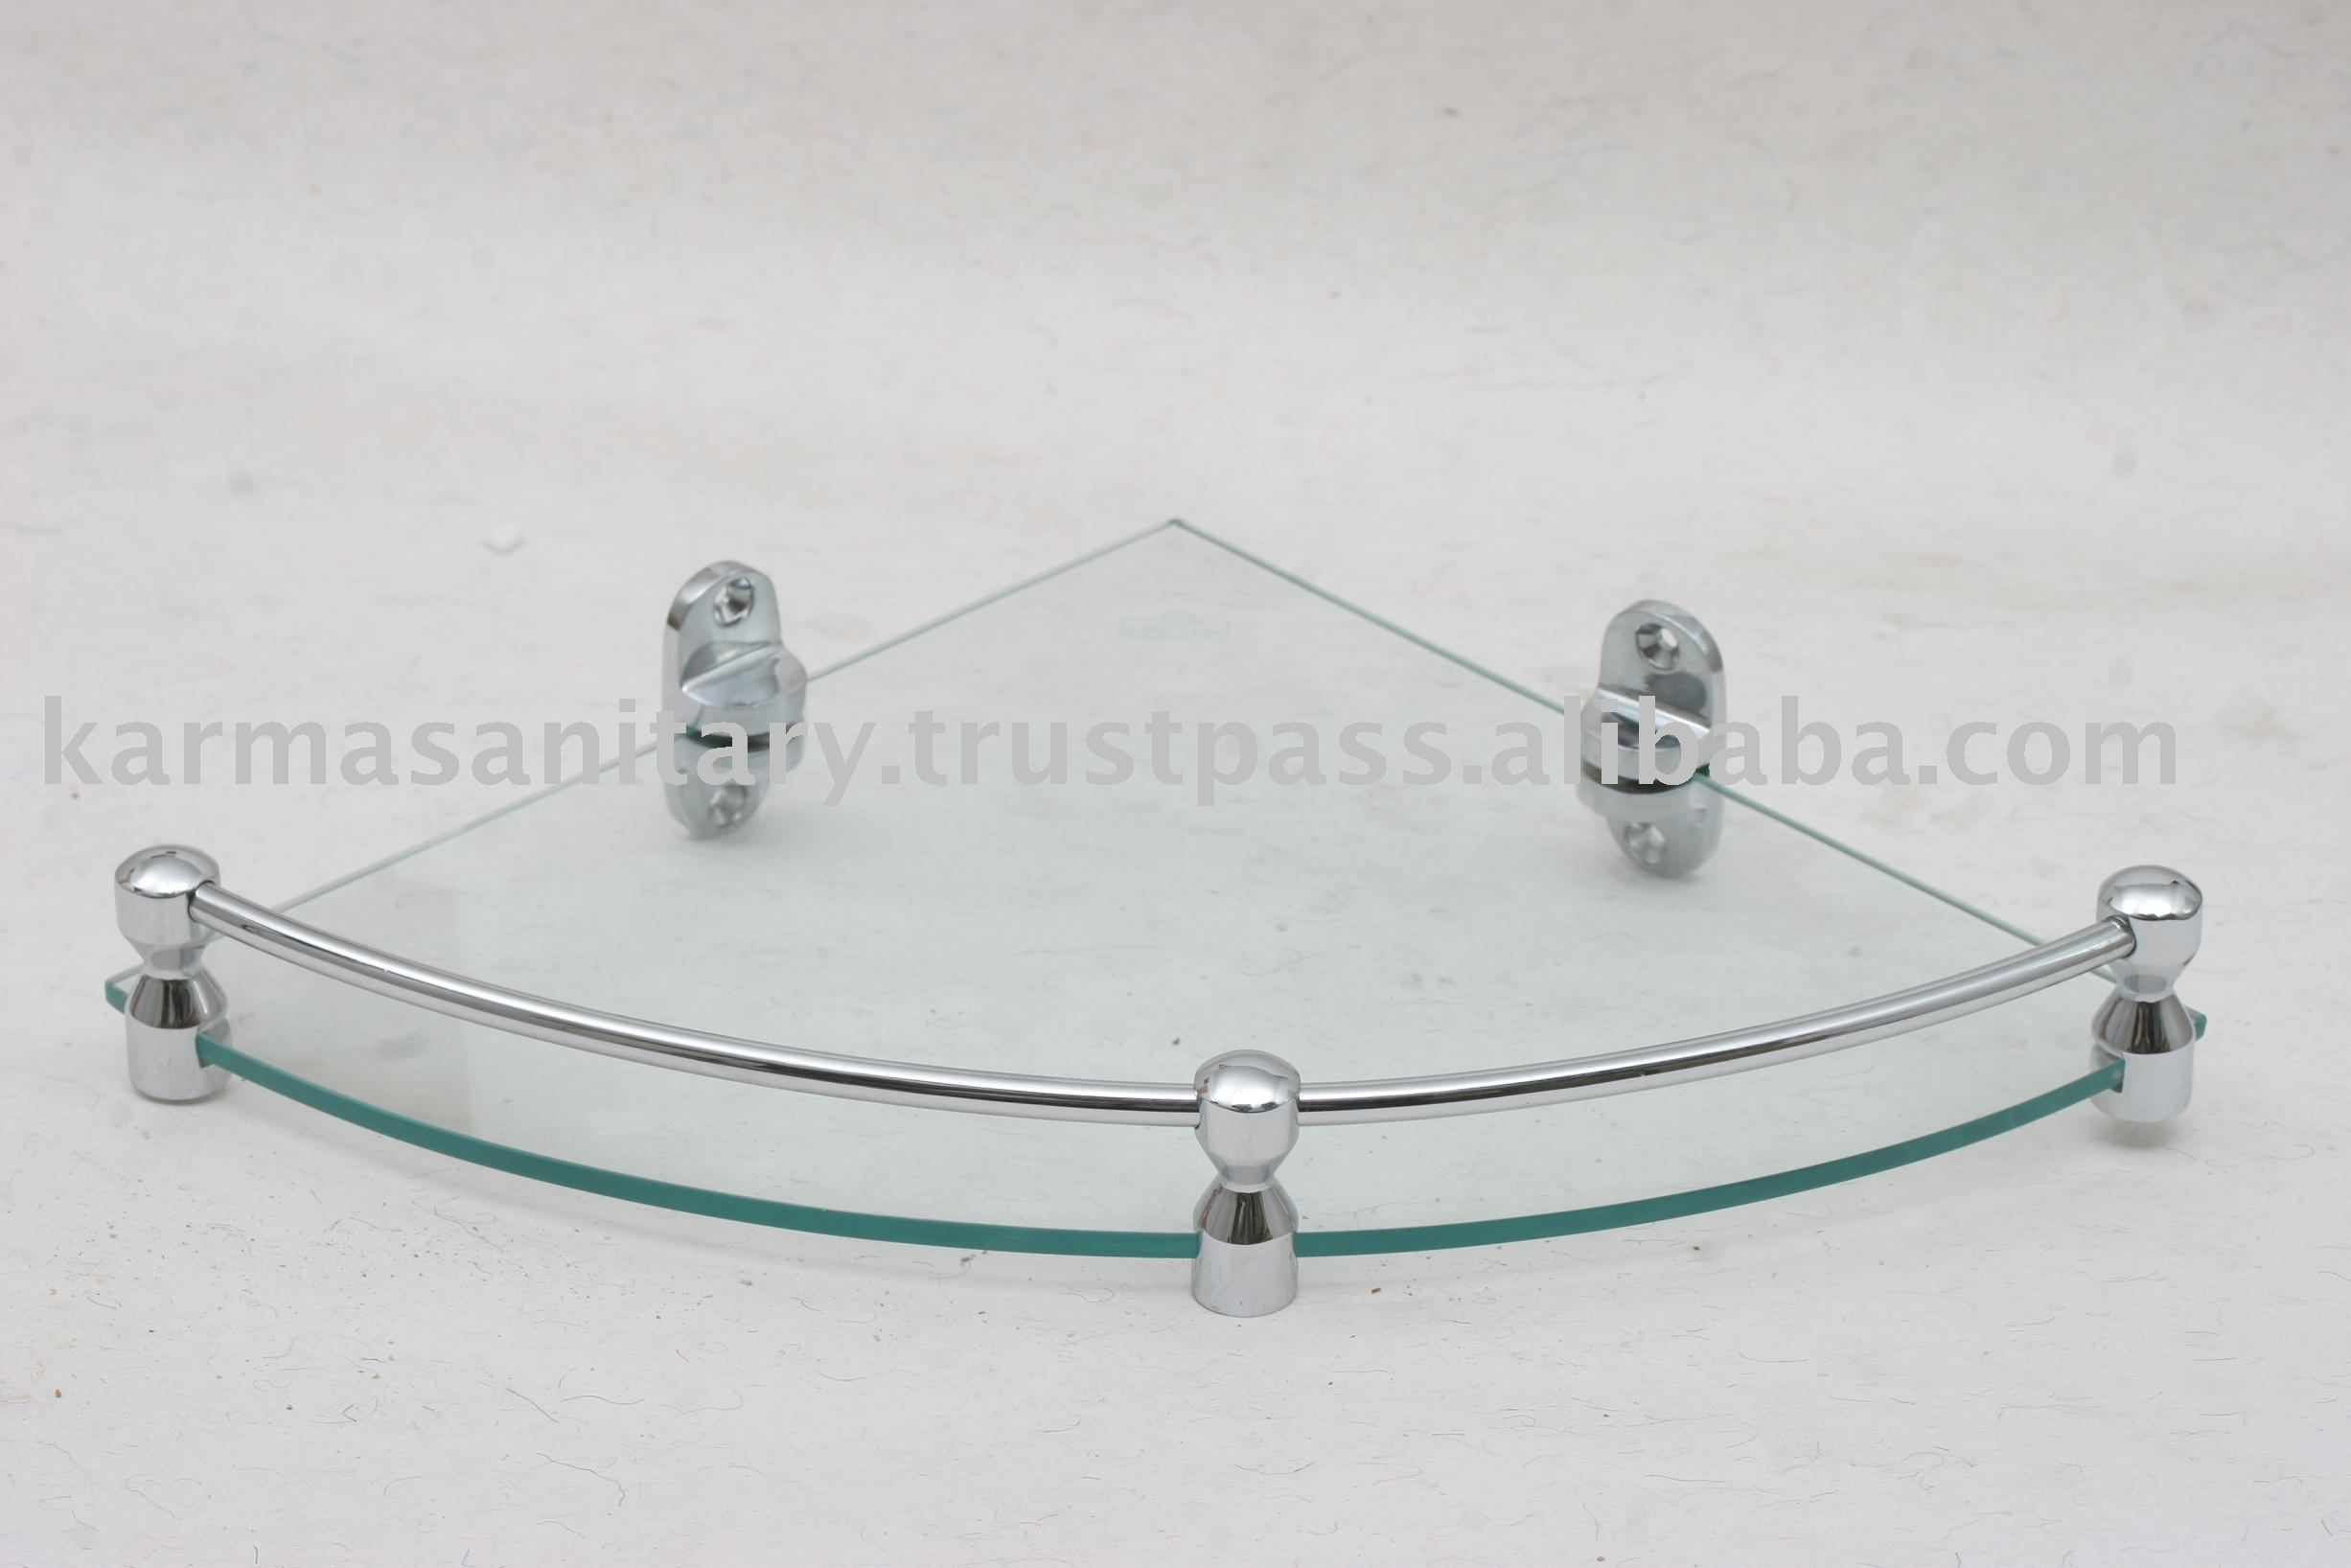 Bathroom Corner Glass Shelves - Buy Corner Shelves,Bathroom ...